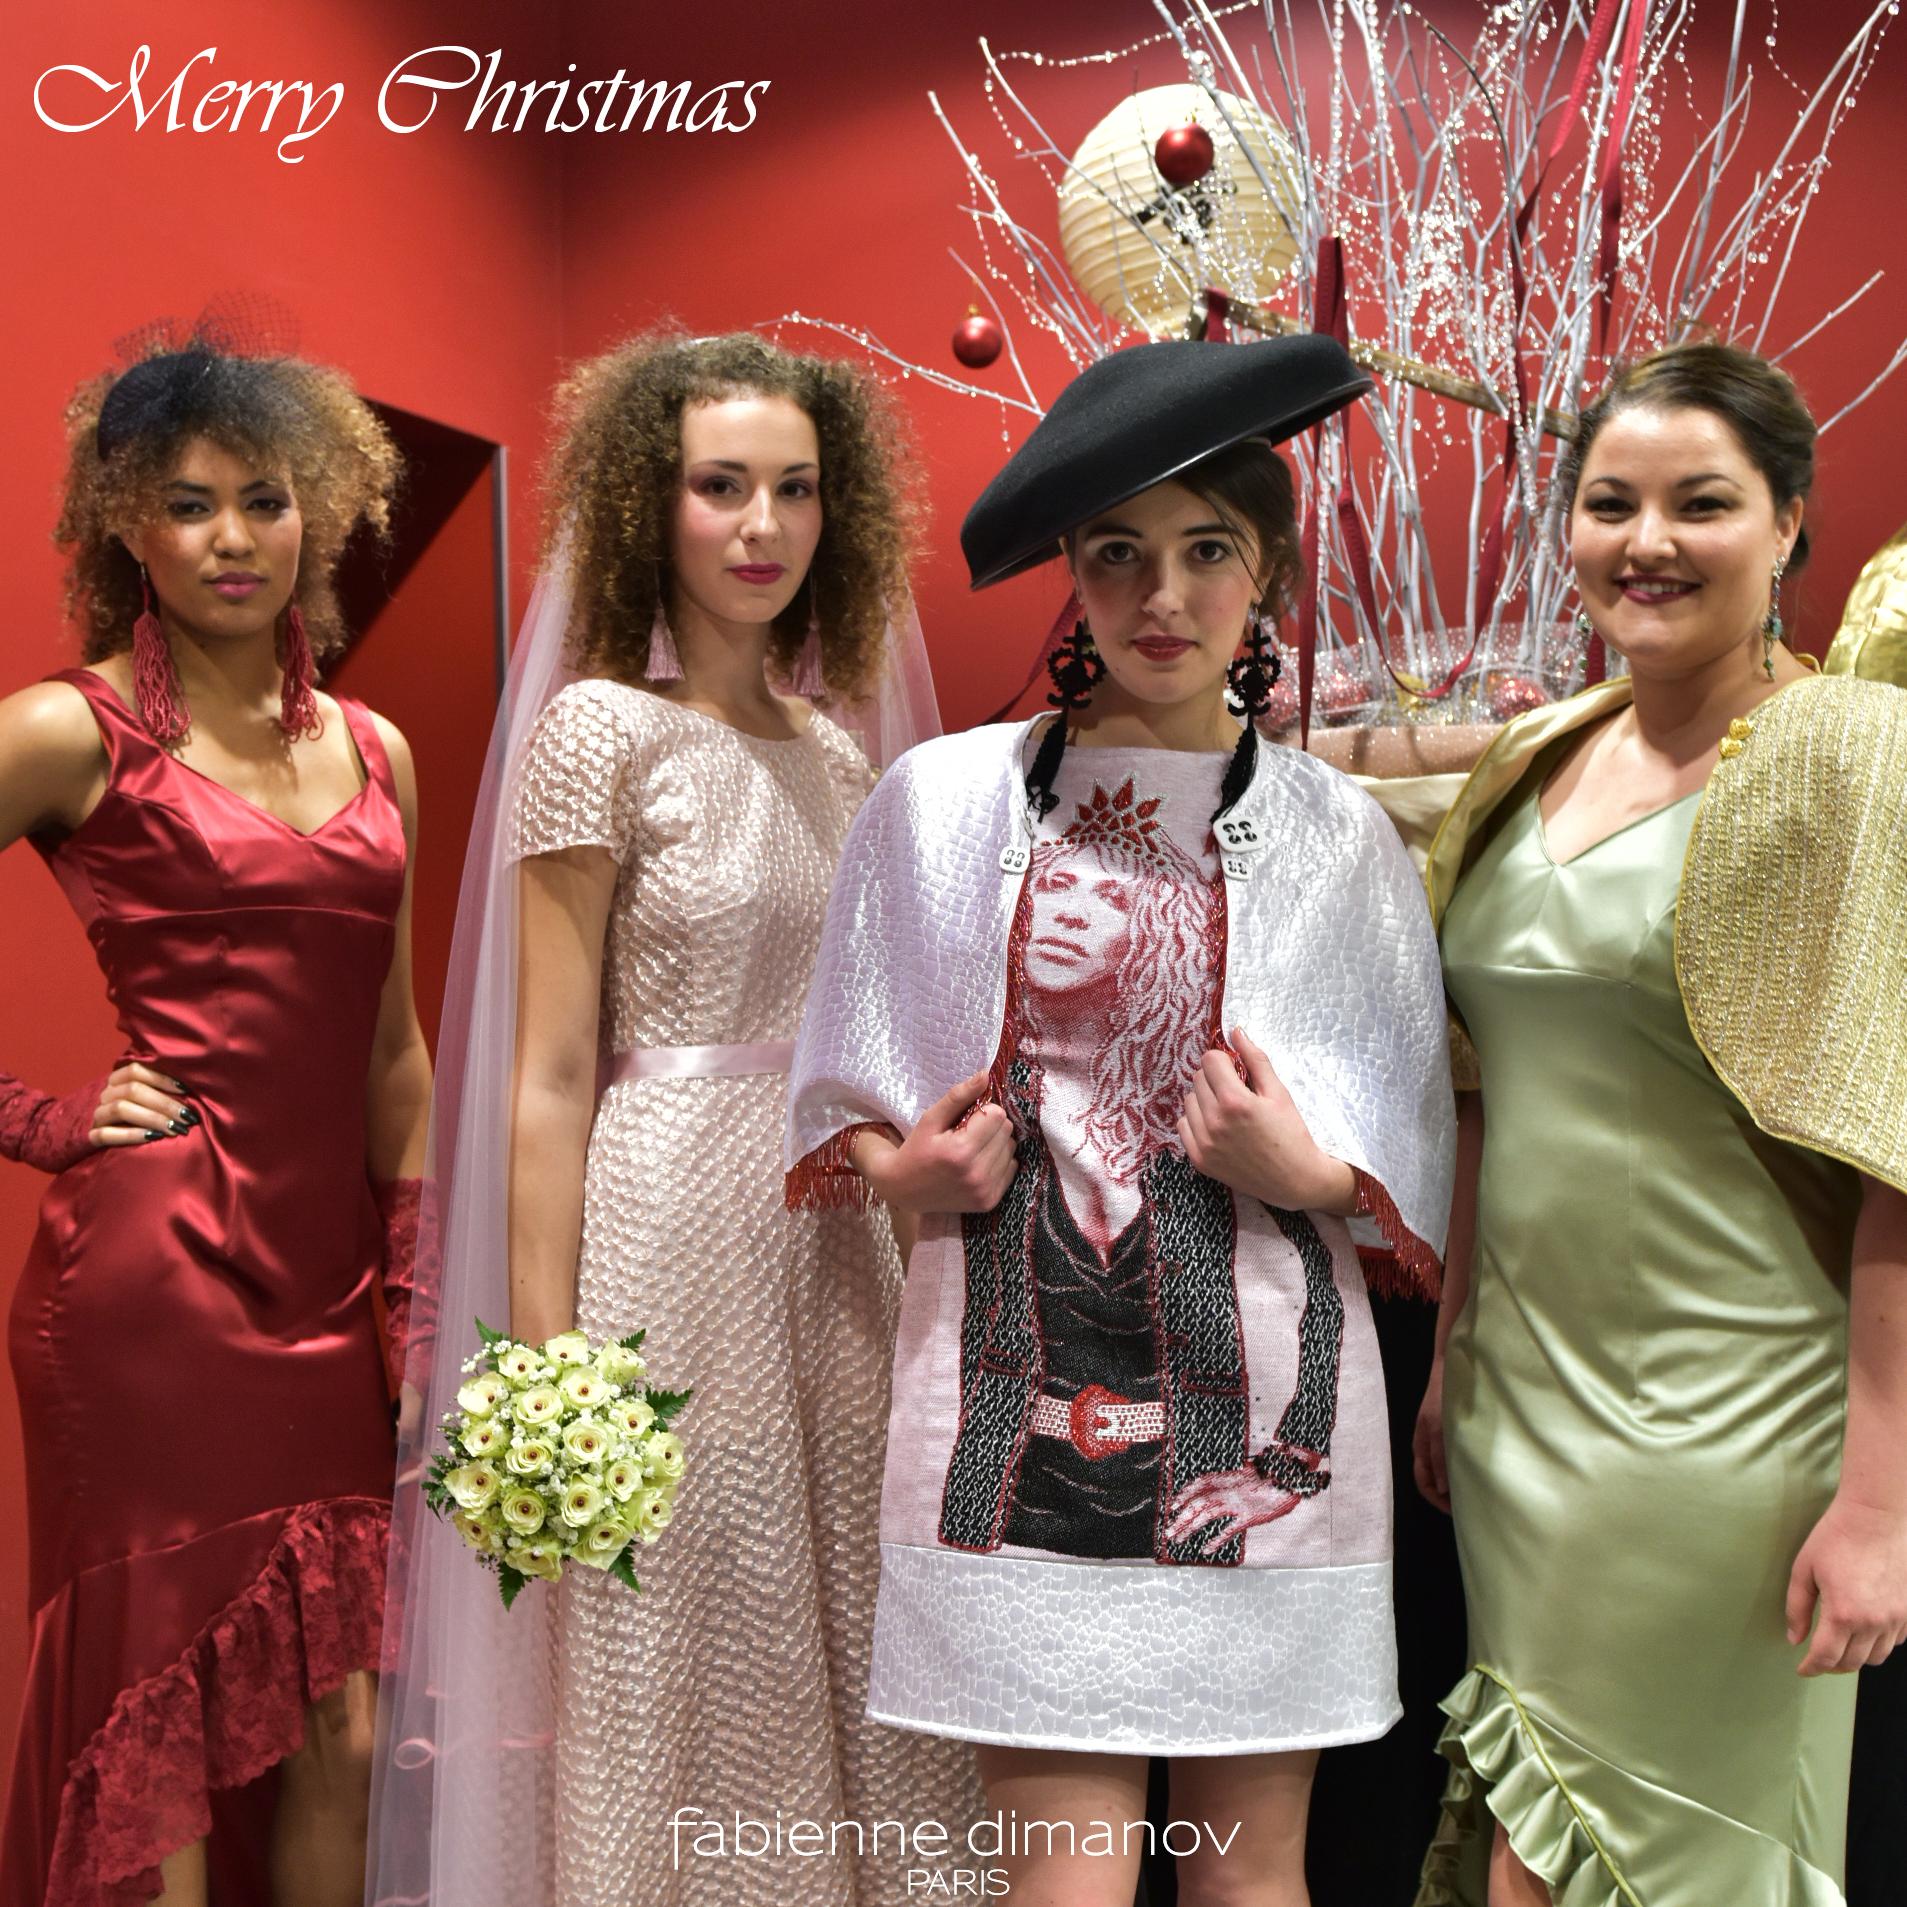 Marché de Noël - Merry Christmas - Fabienne Dimanov Paris